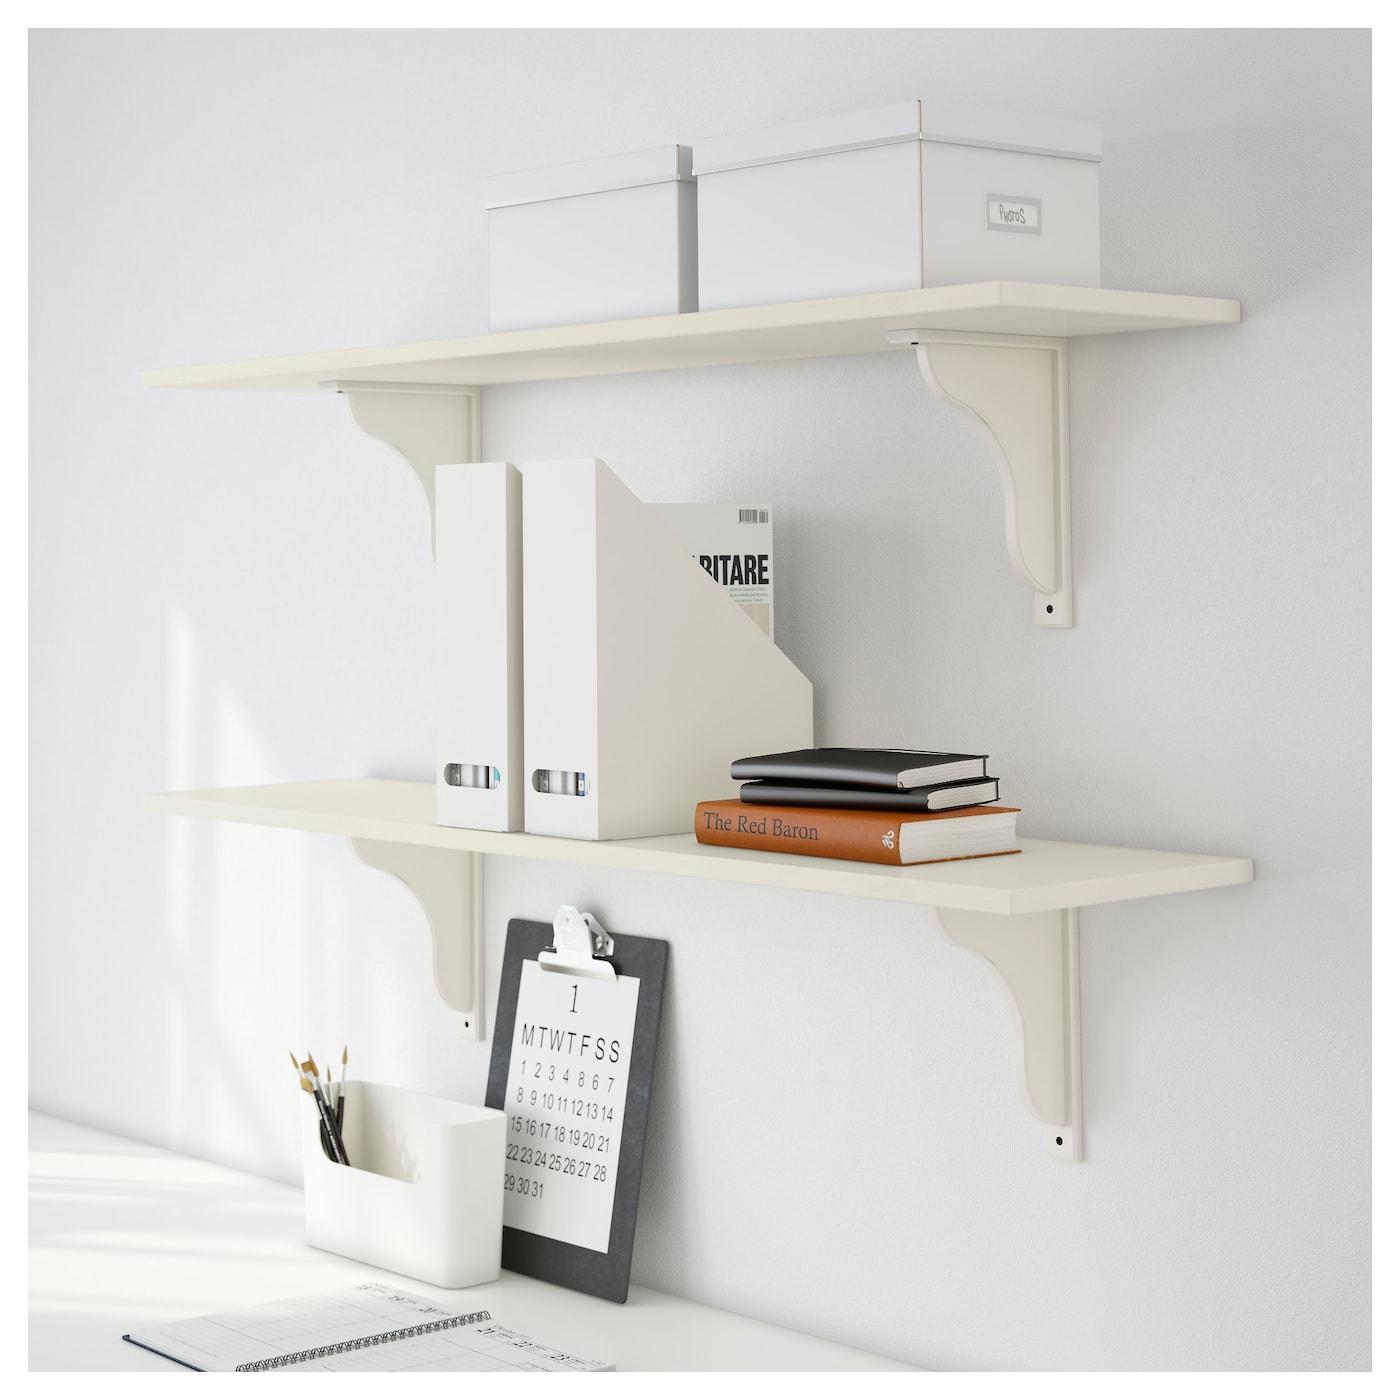 ekby hensvik ekby hemnes tag re murale teint blanc blanc 119 x 28 cm ikea. Black Bedroom Furniture Sets. Home Design Ideas